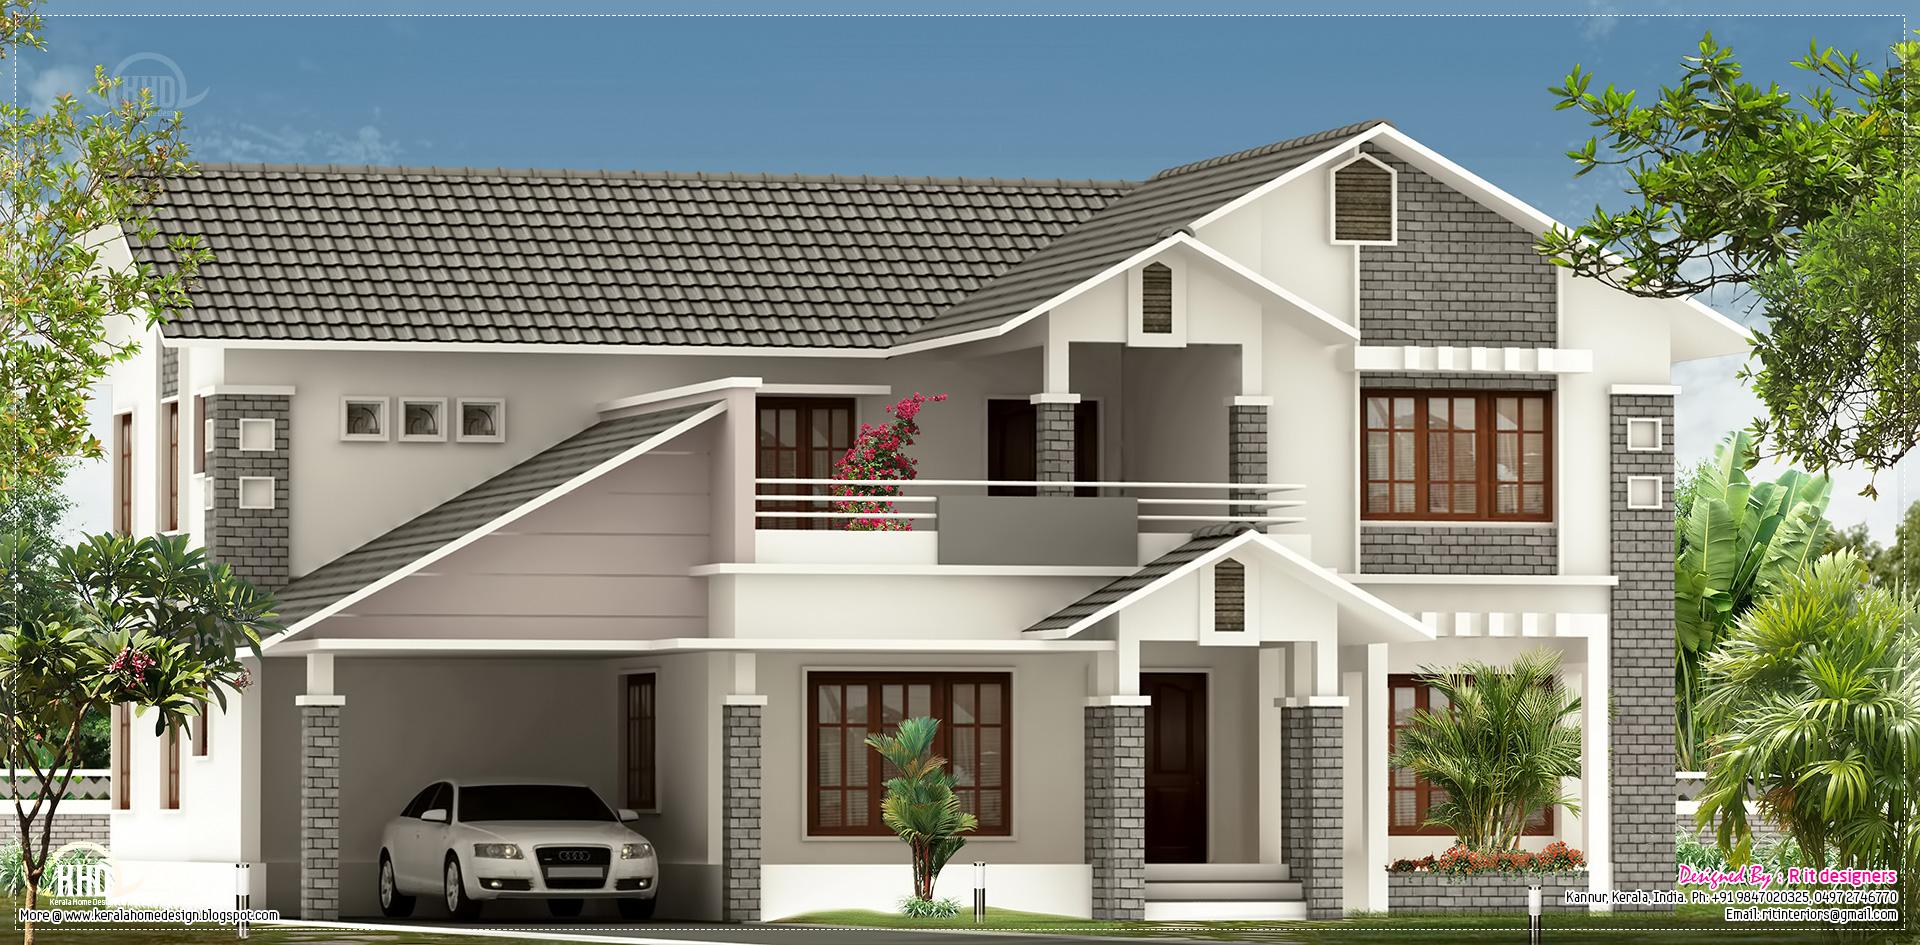 Villa Elevation Design In 2900 Sq.feet